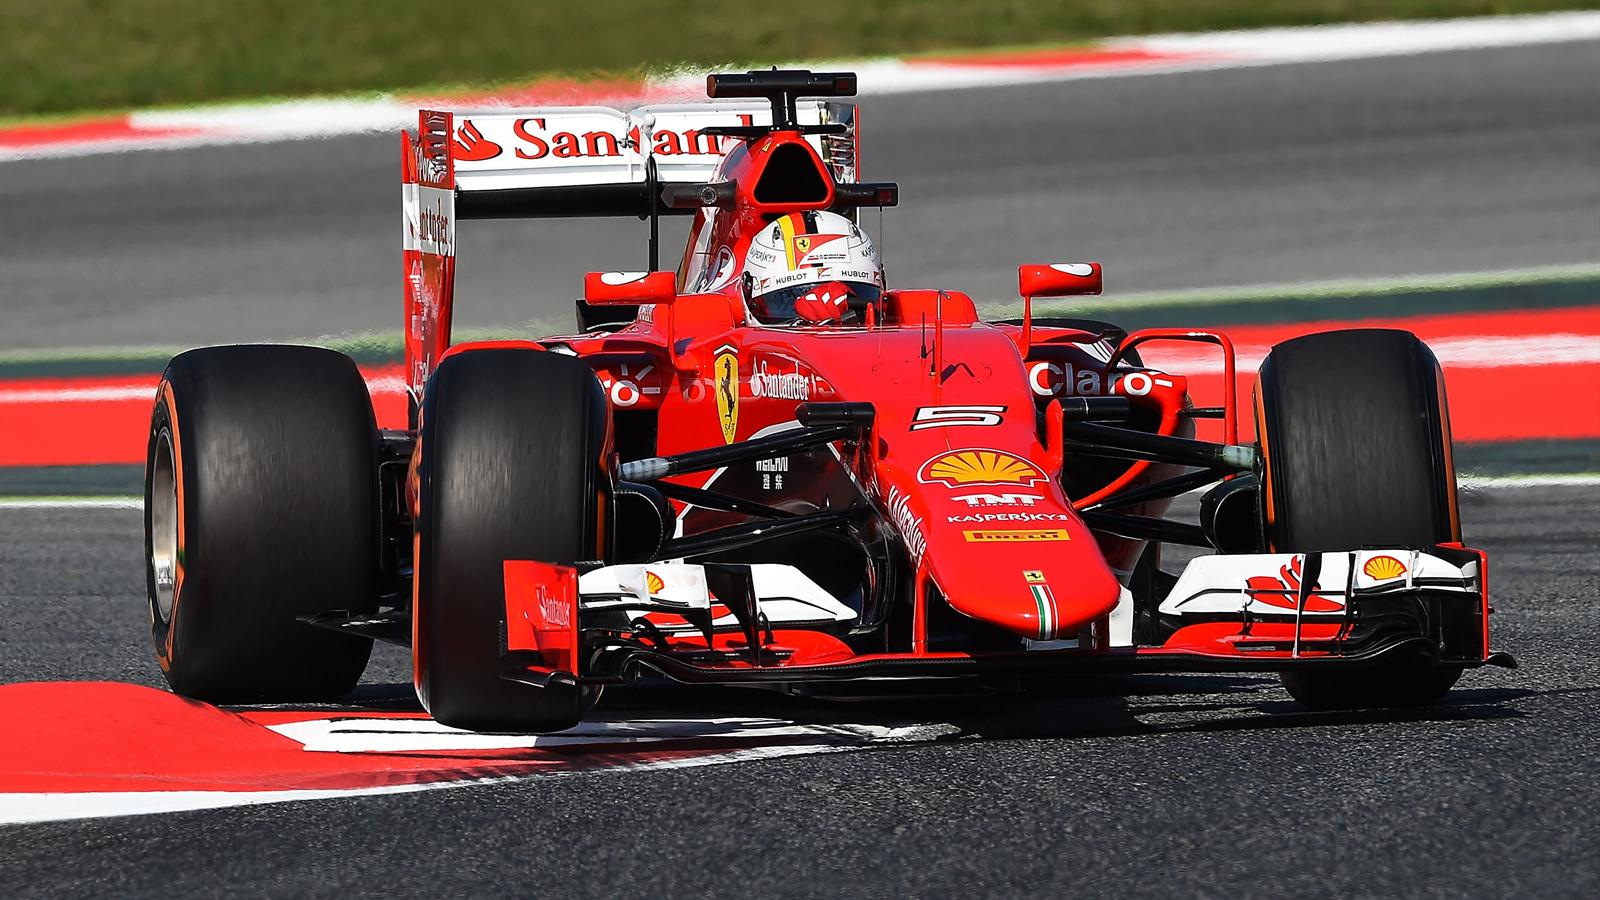 Spécial Sebastian Vettel (Formule un) - Page 18 1498361-31964372-1600-900